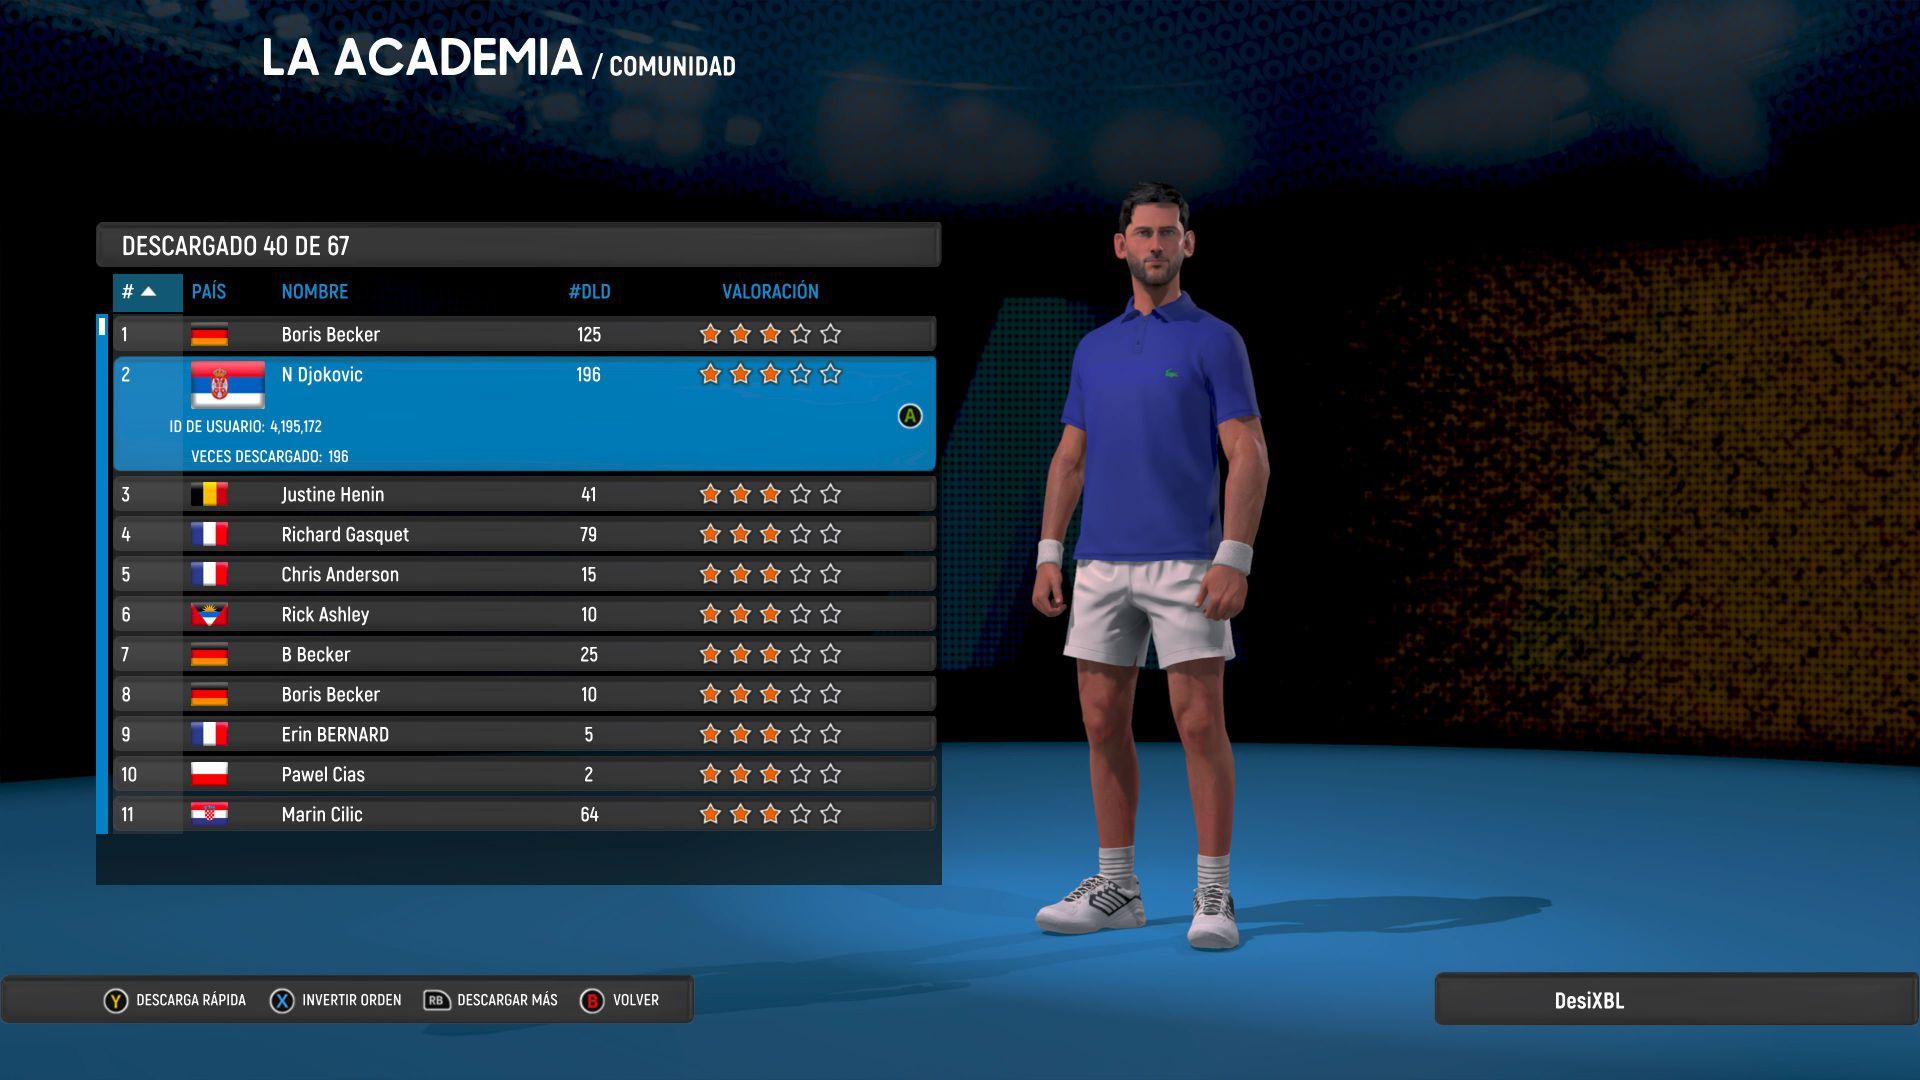 AO International Tennis